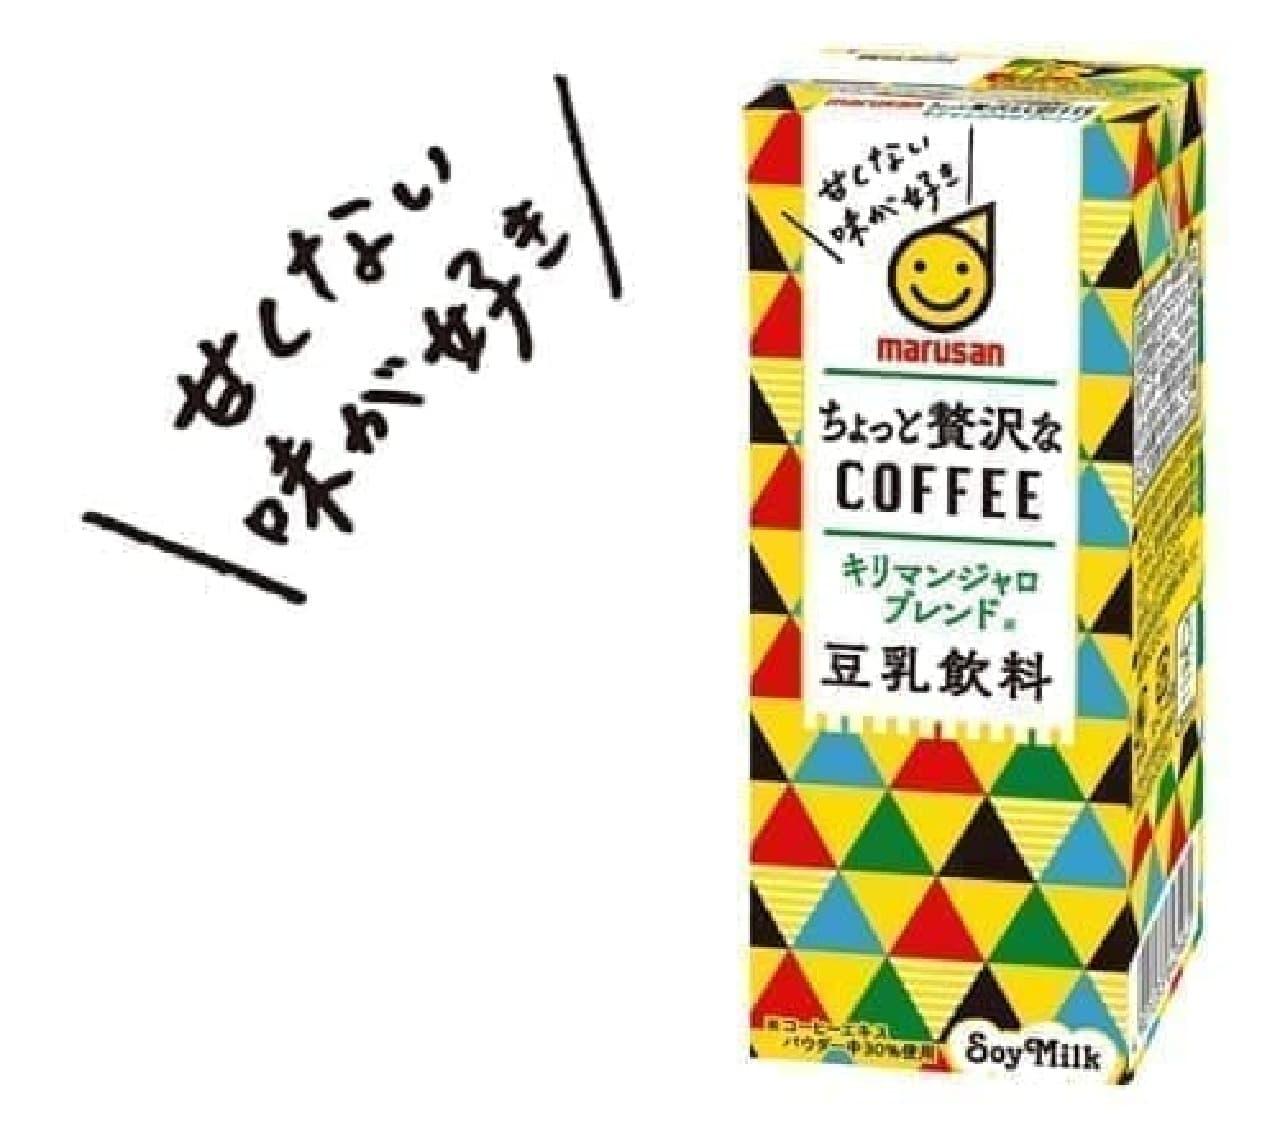 マルサンアイ「豆乳飲料ちょっと贅沢なコーヒーキリマンジャロブレンド」